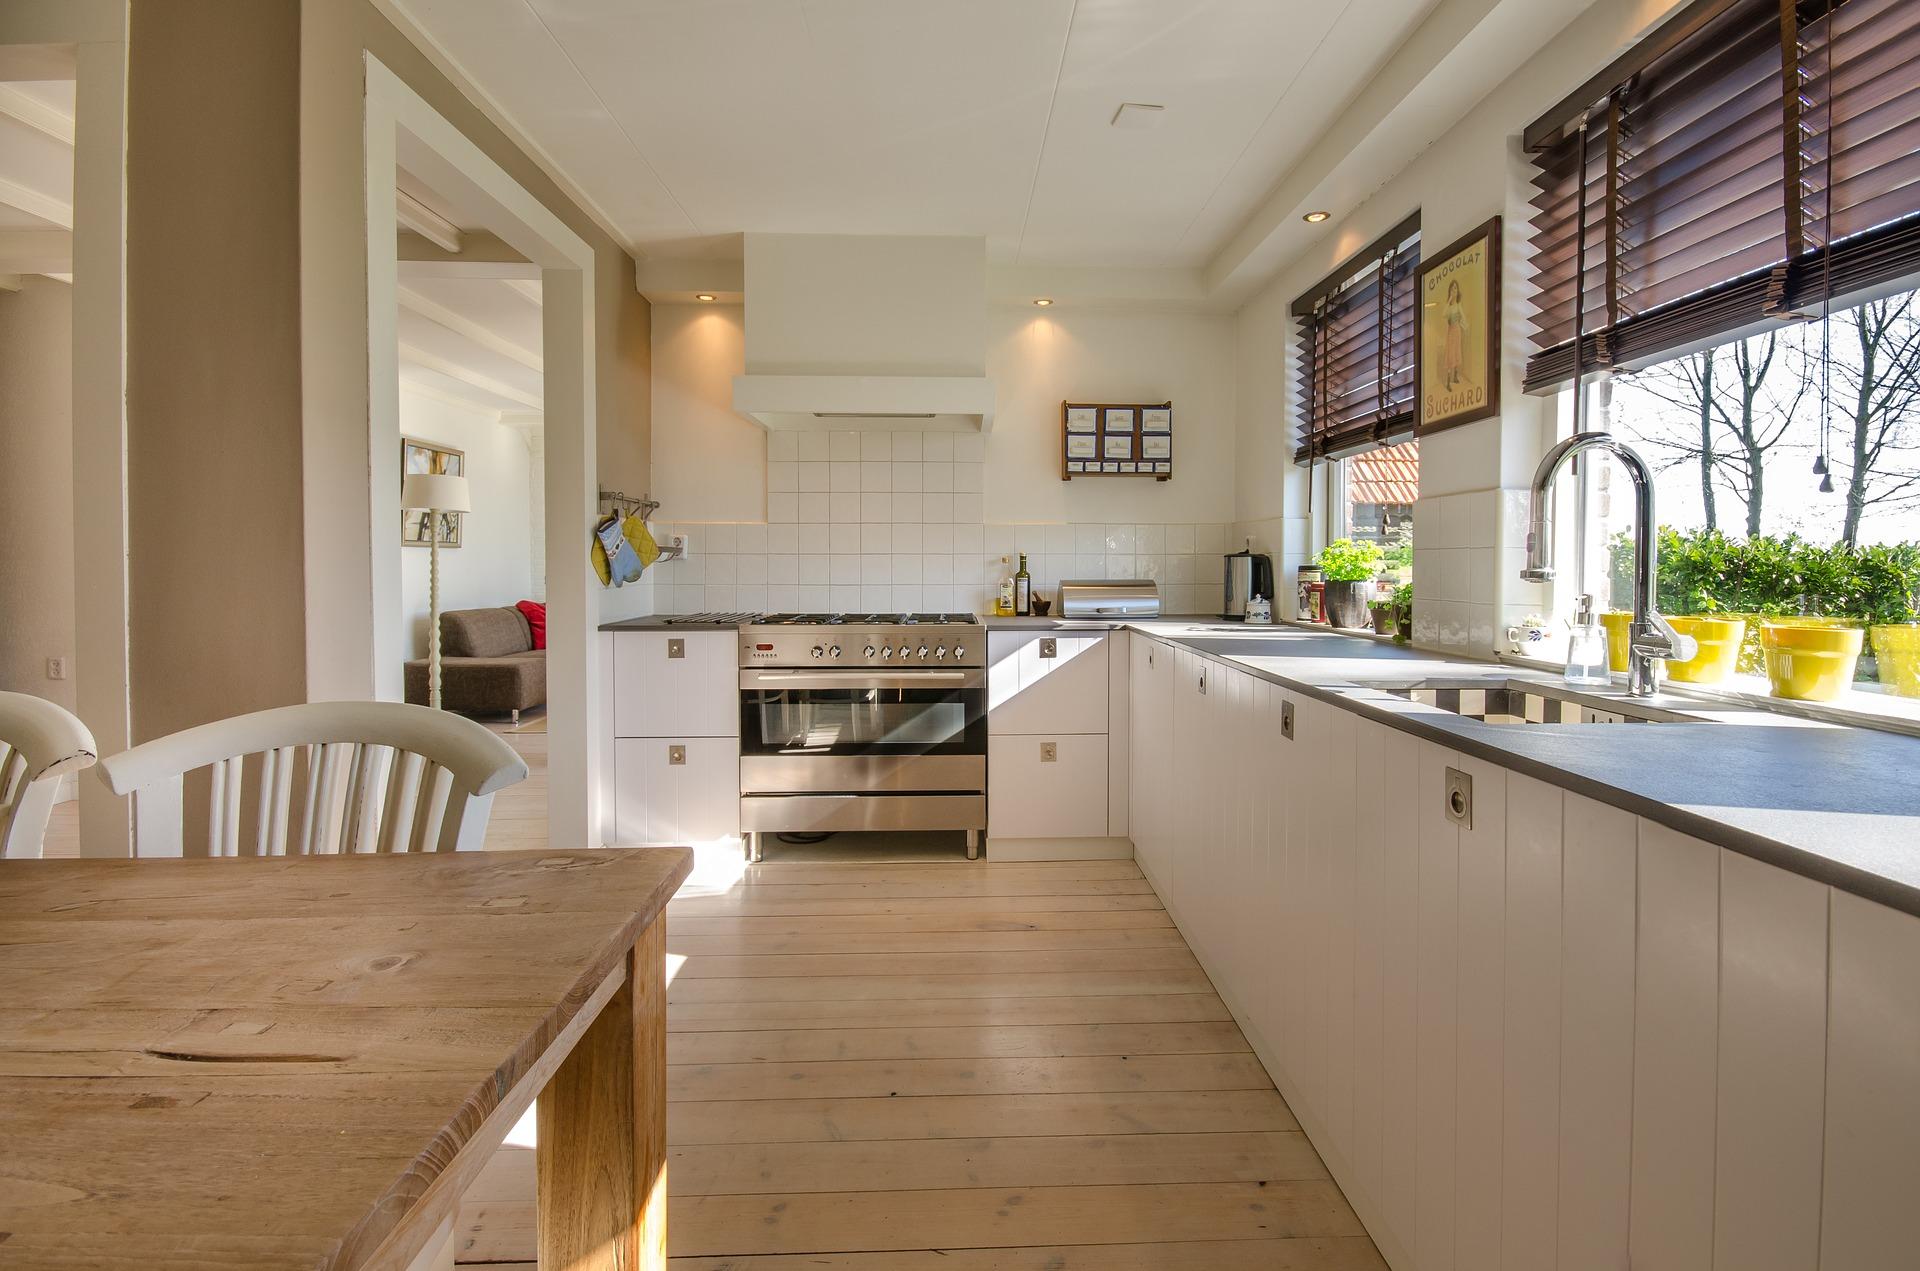 kitchen-2165756_1920 (1).jpg